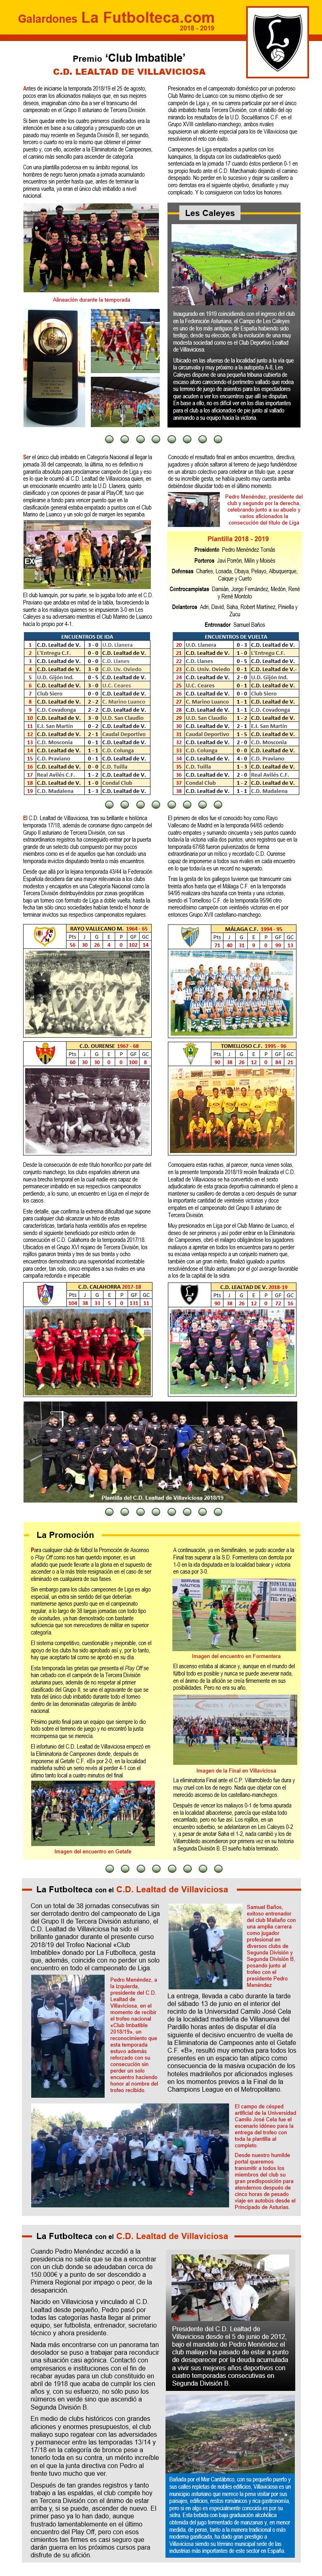 Premio Nacional Club Imbatible 2018-2019 CD Lealtad de Villaviciosa